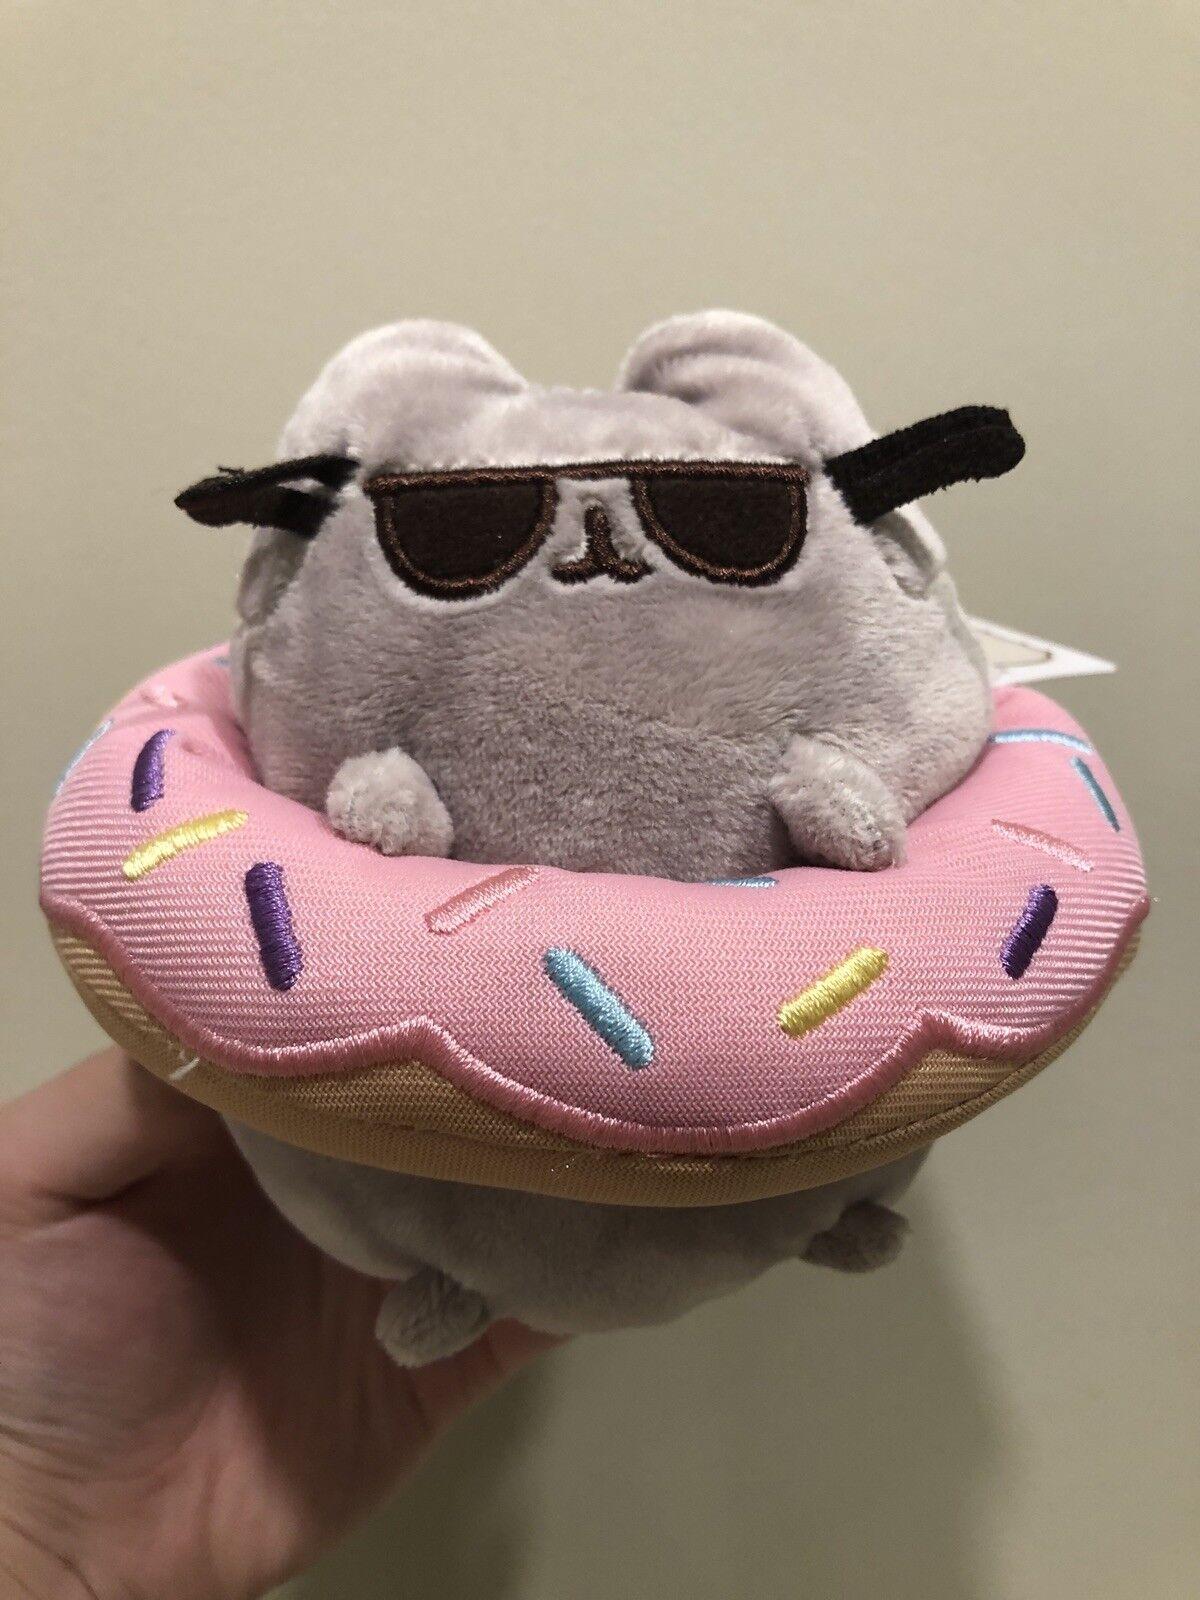 Pusheen macy 's exclusive donut schweben